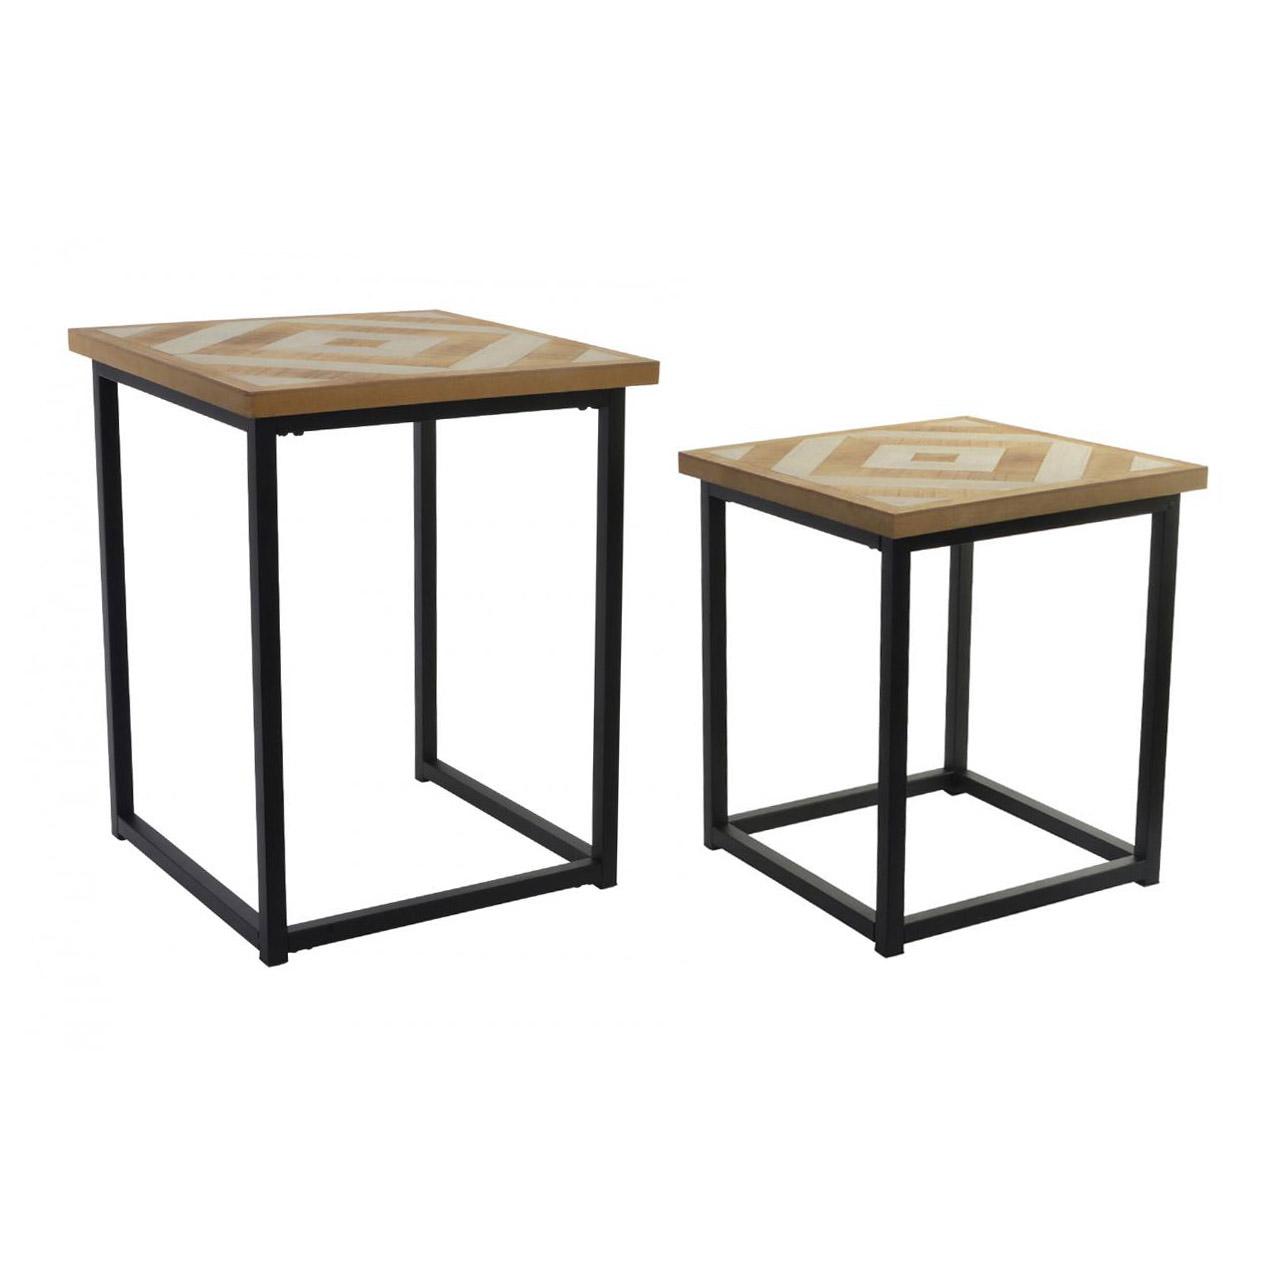 Set 2 mesas auxiliares industriales hierro y madera for Muebles industriales madera y hierro